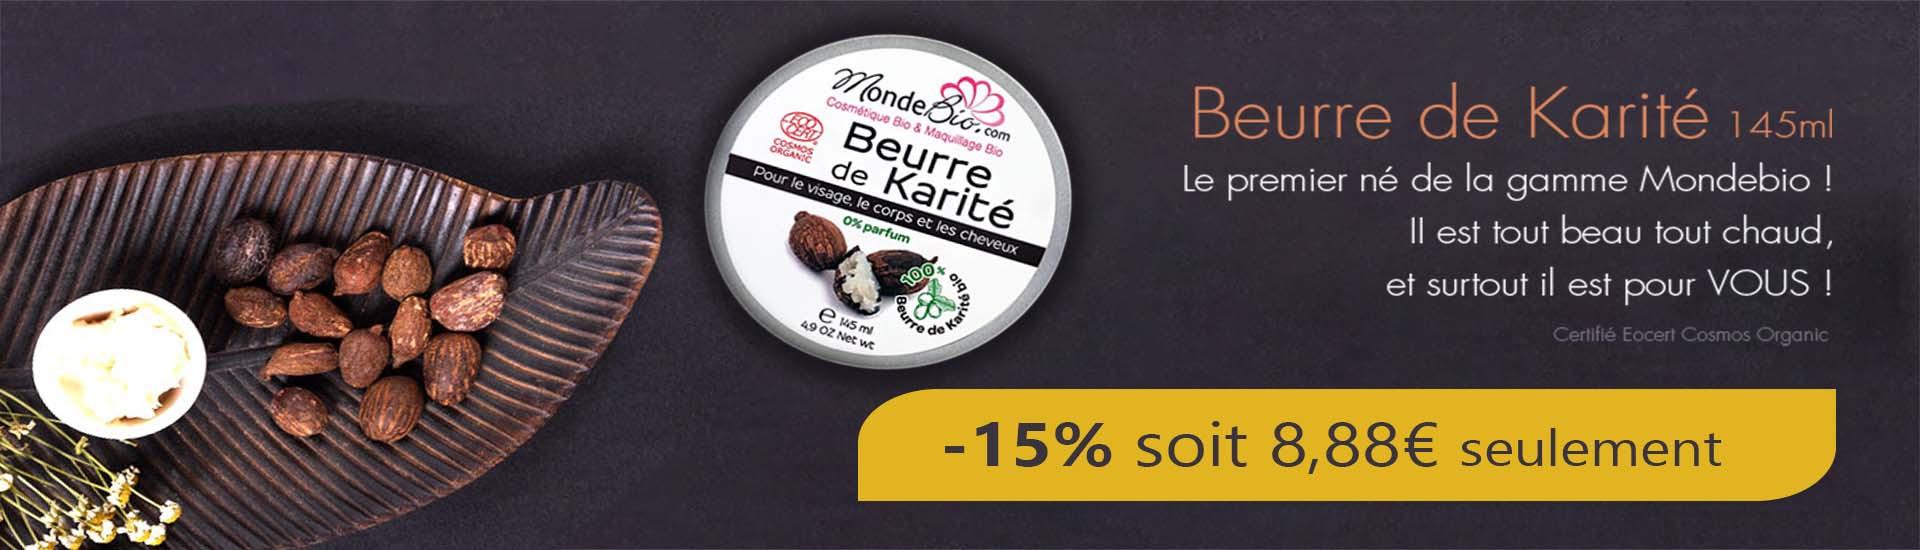 promotion sur le beurre de karité bio le monde du bio